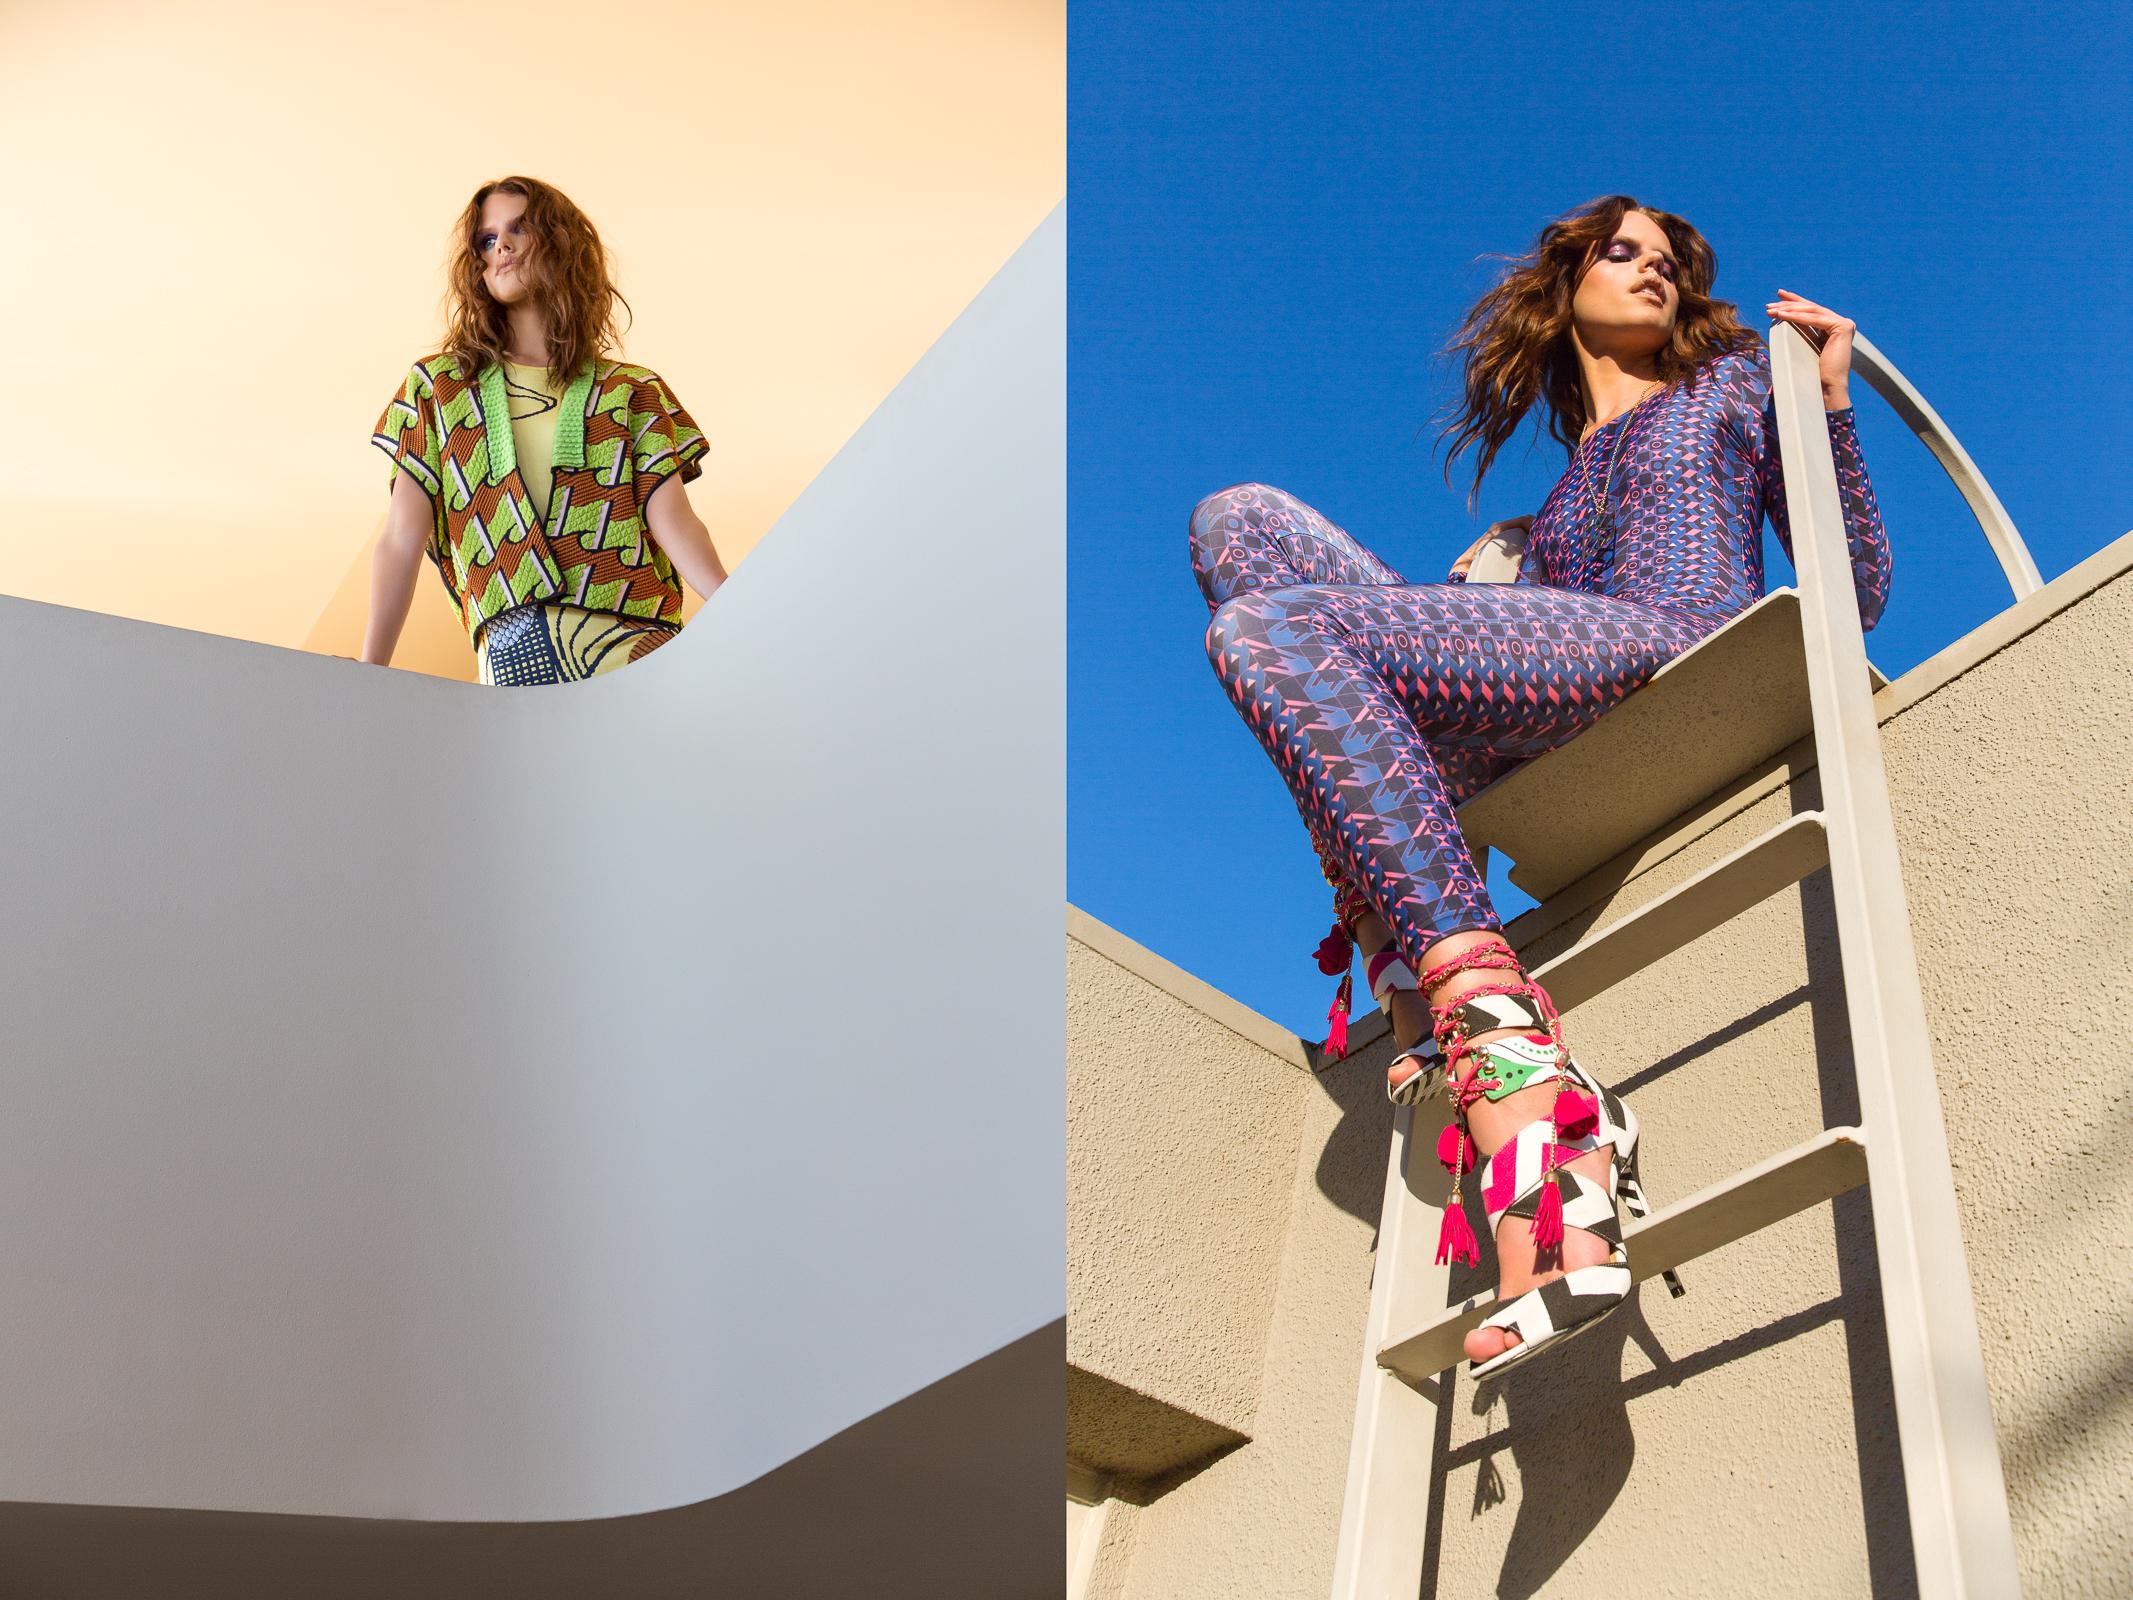 Fashion Ted Sun Photo-9.jpg